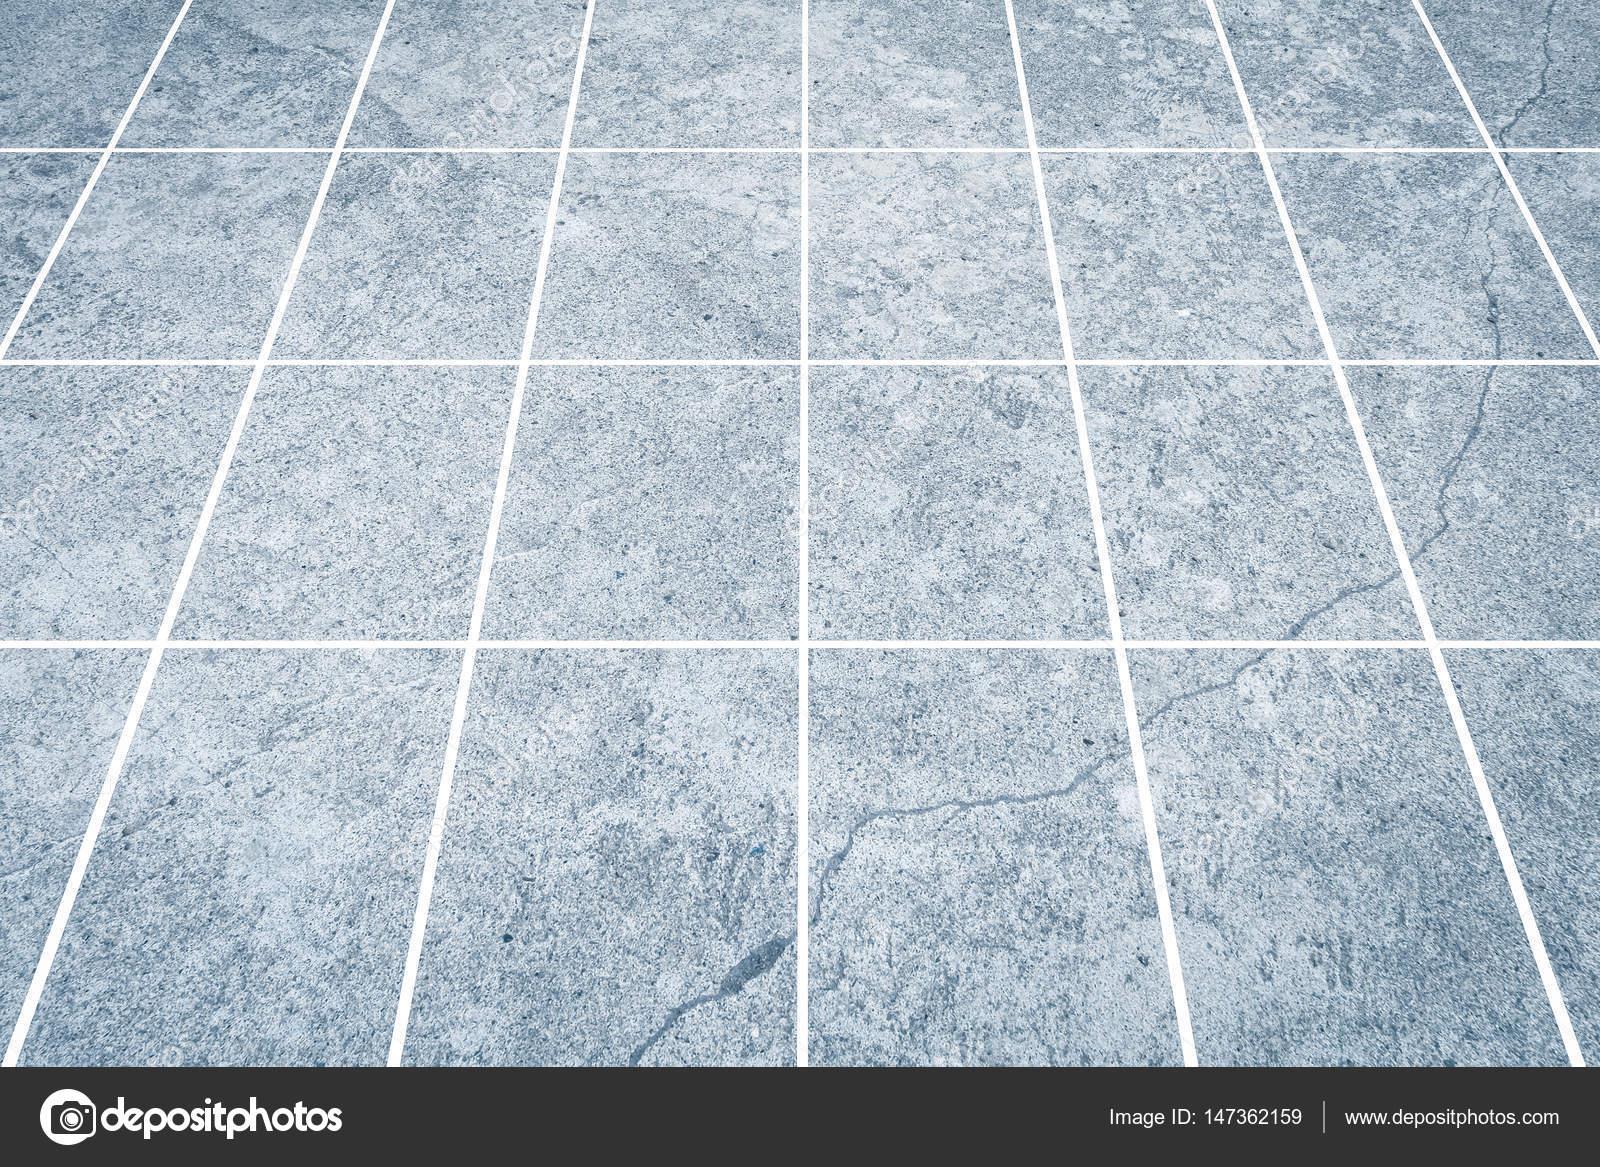 Outdoor stone block tile floor — Stock Photo © Torsakarin #147362159